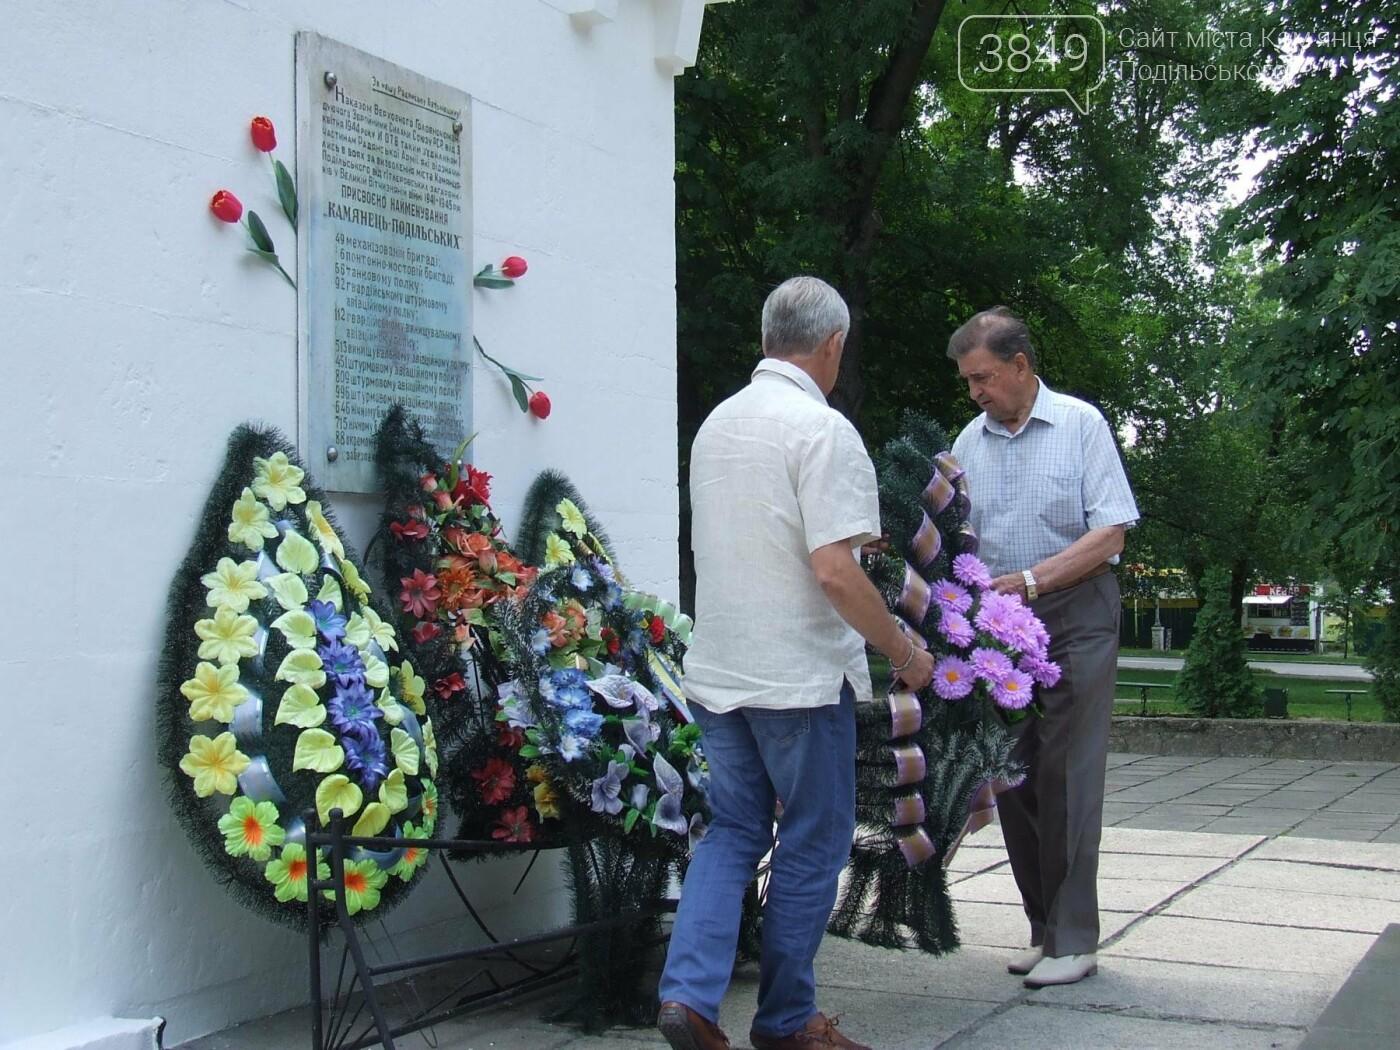 У Сквері танкістів вшанували пам'ять полеглих під час Другої світової війни, фото-8